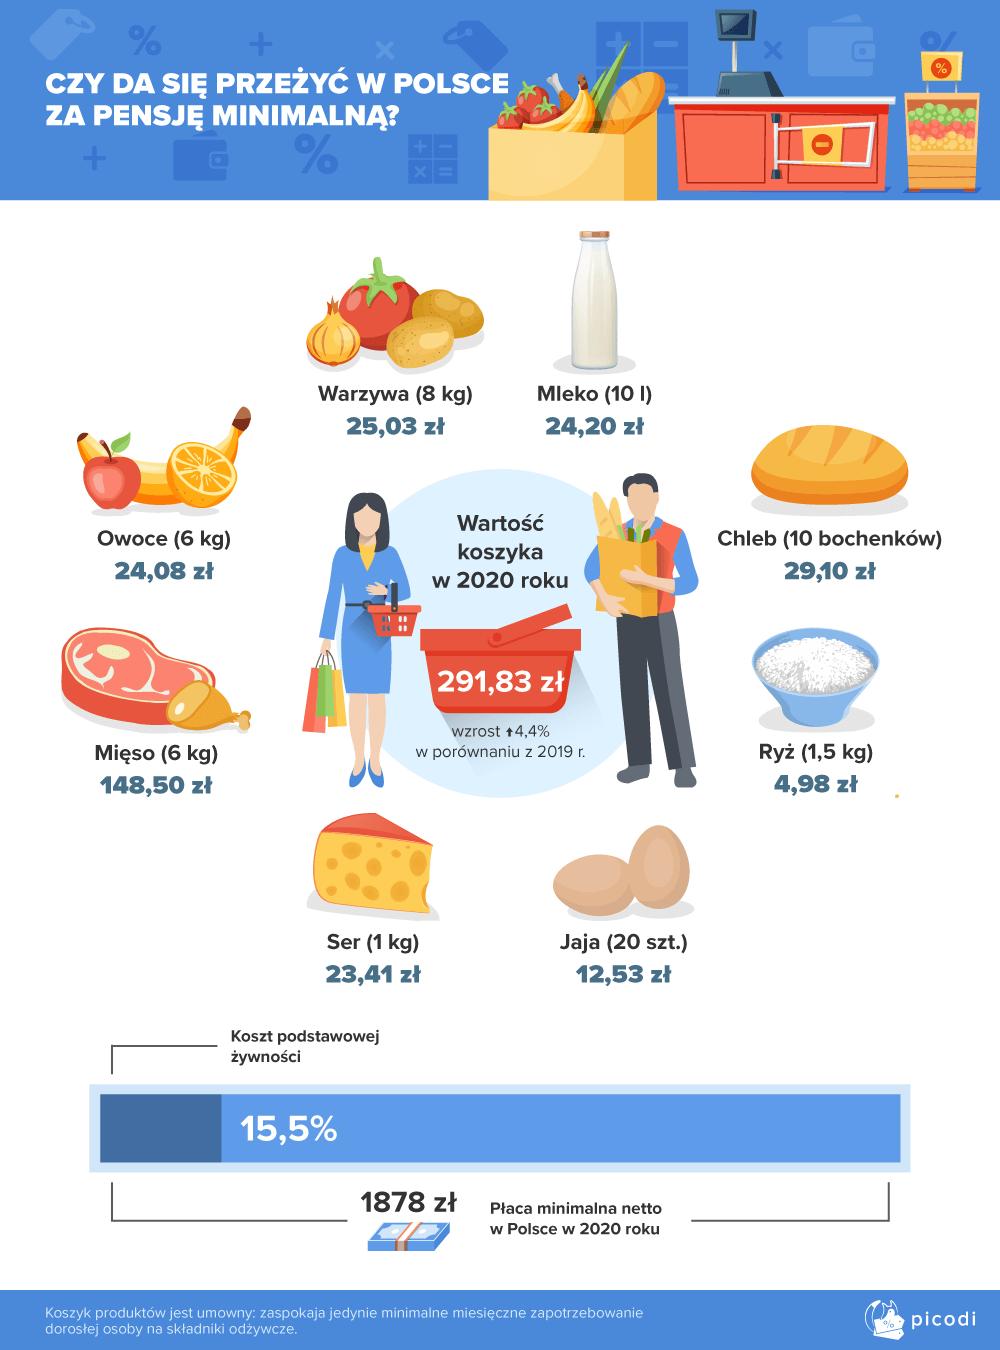 Czy da się przeżyć w Polsce za pensję minimalną